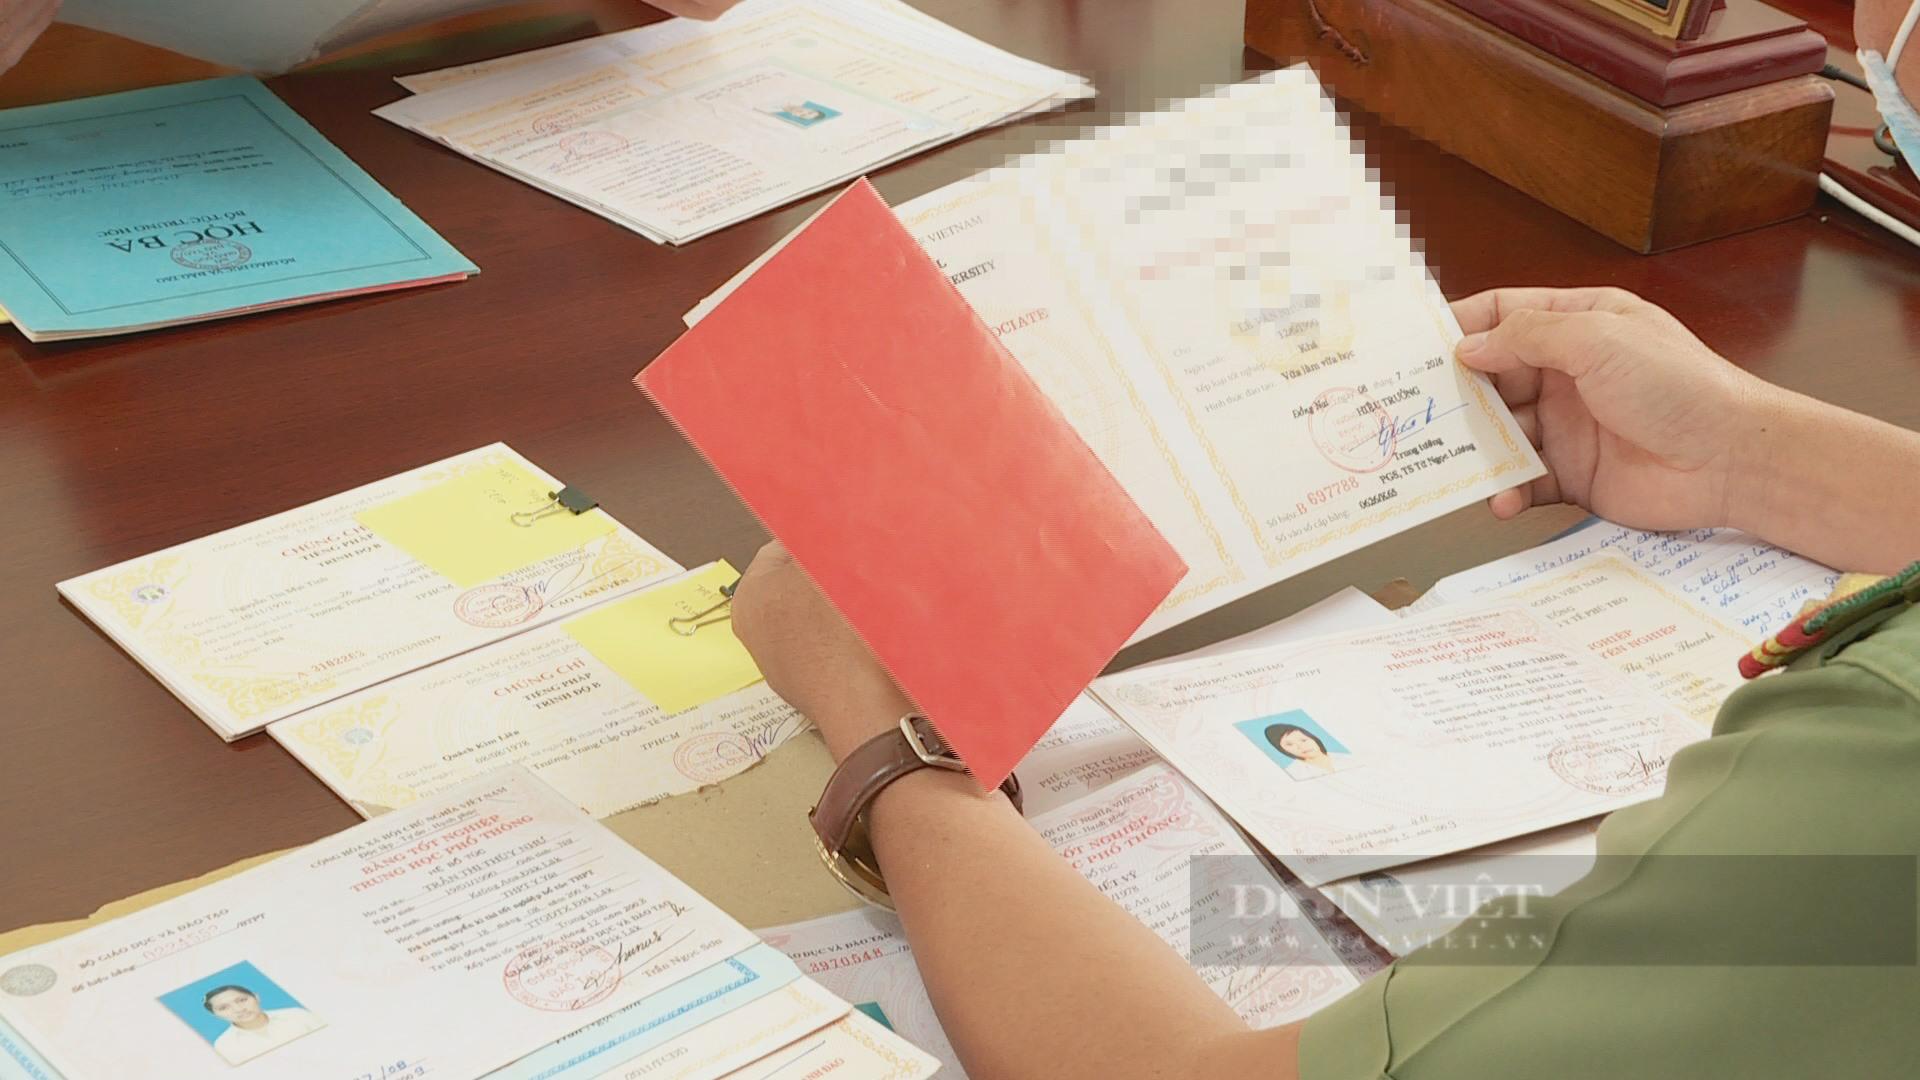 Đắk Lắk: Phát hiện nhiều giáo viên sử dụng bằng giả - Ảnh 2.